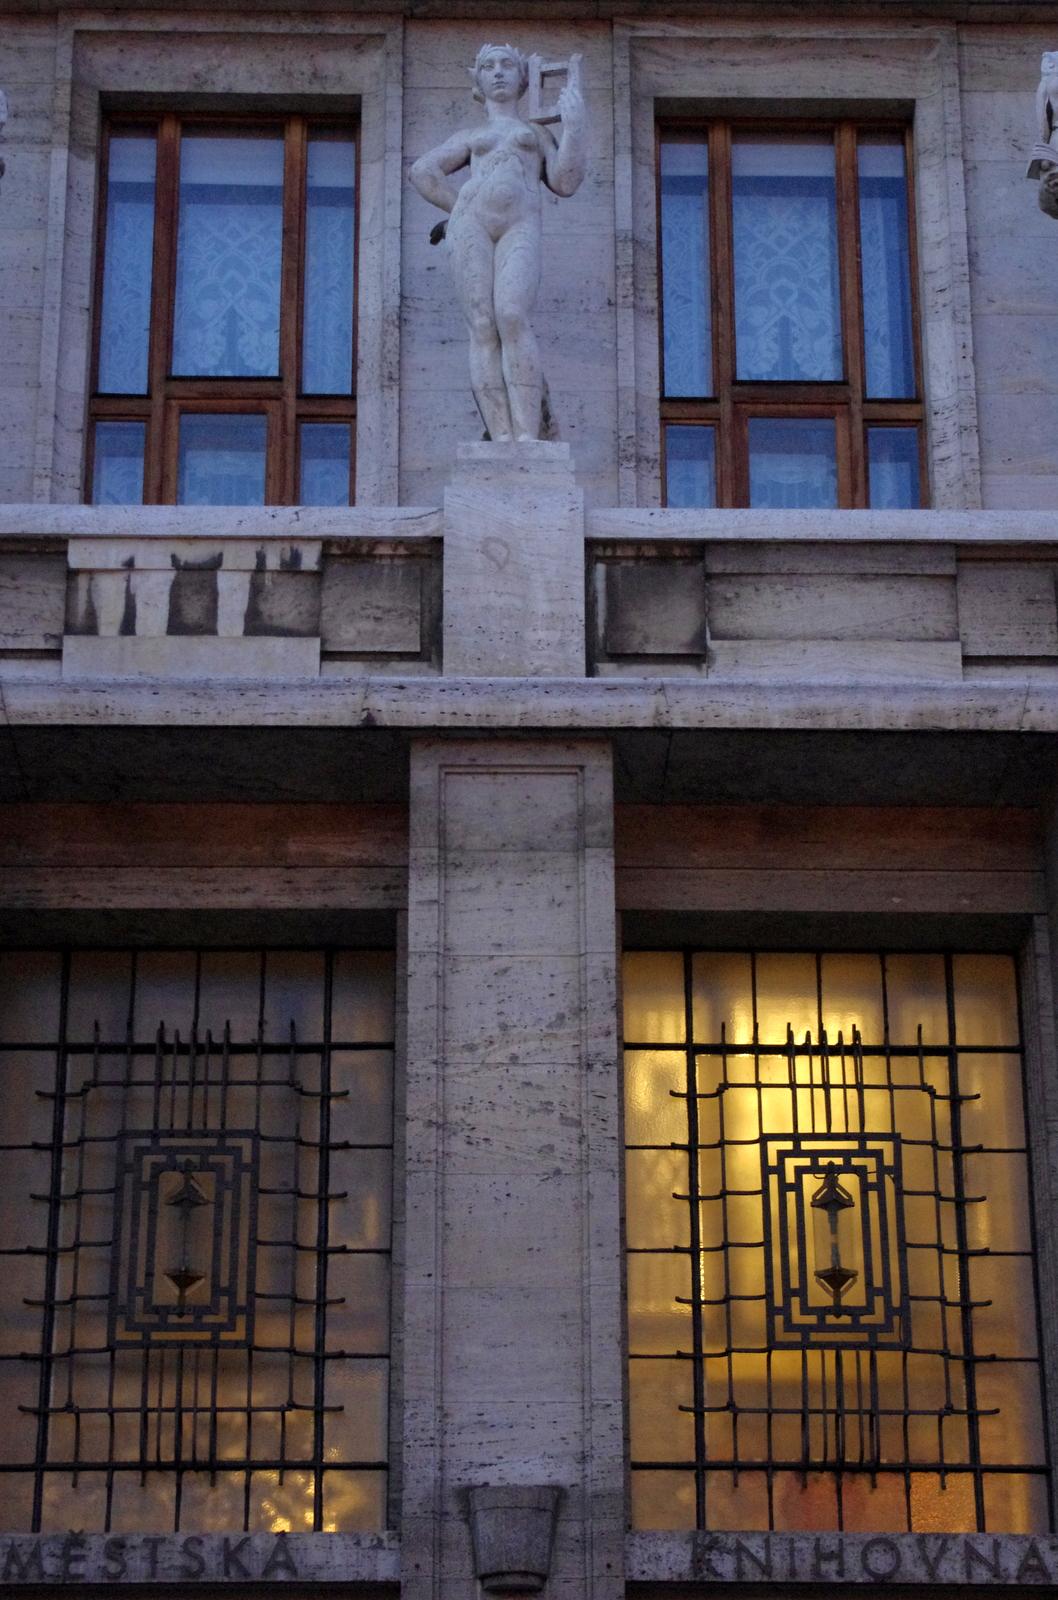 Z hudebního roku bude mít radost i ústřední múza na portálové římse Ústřední knihovny od Ladislava Kofránka...